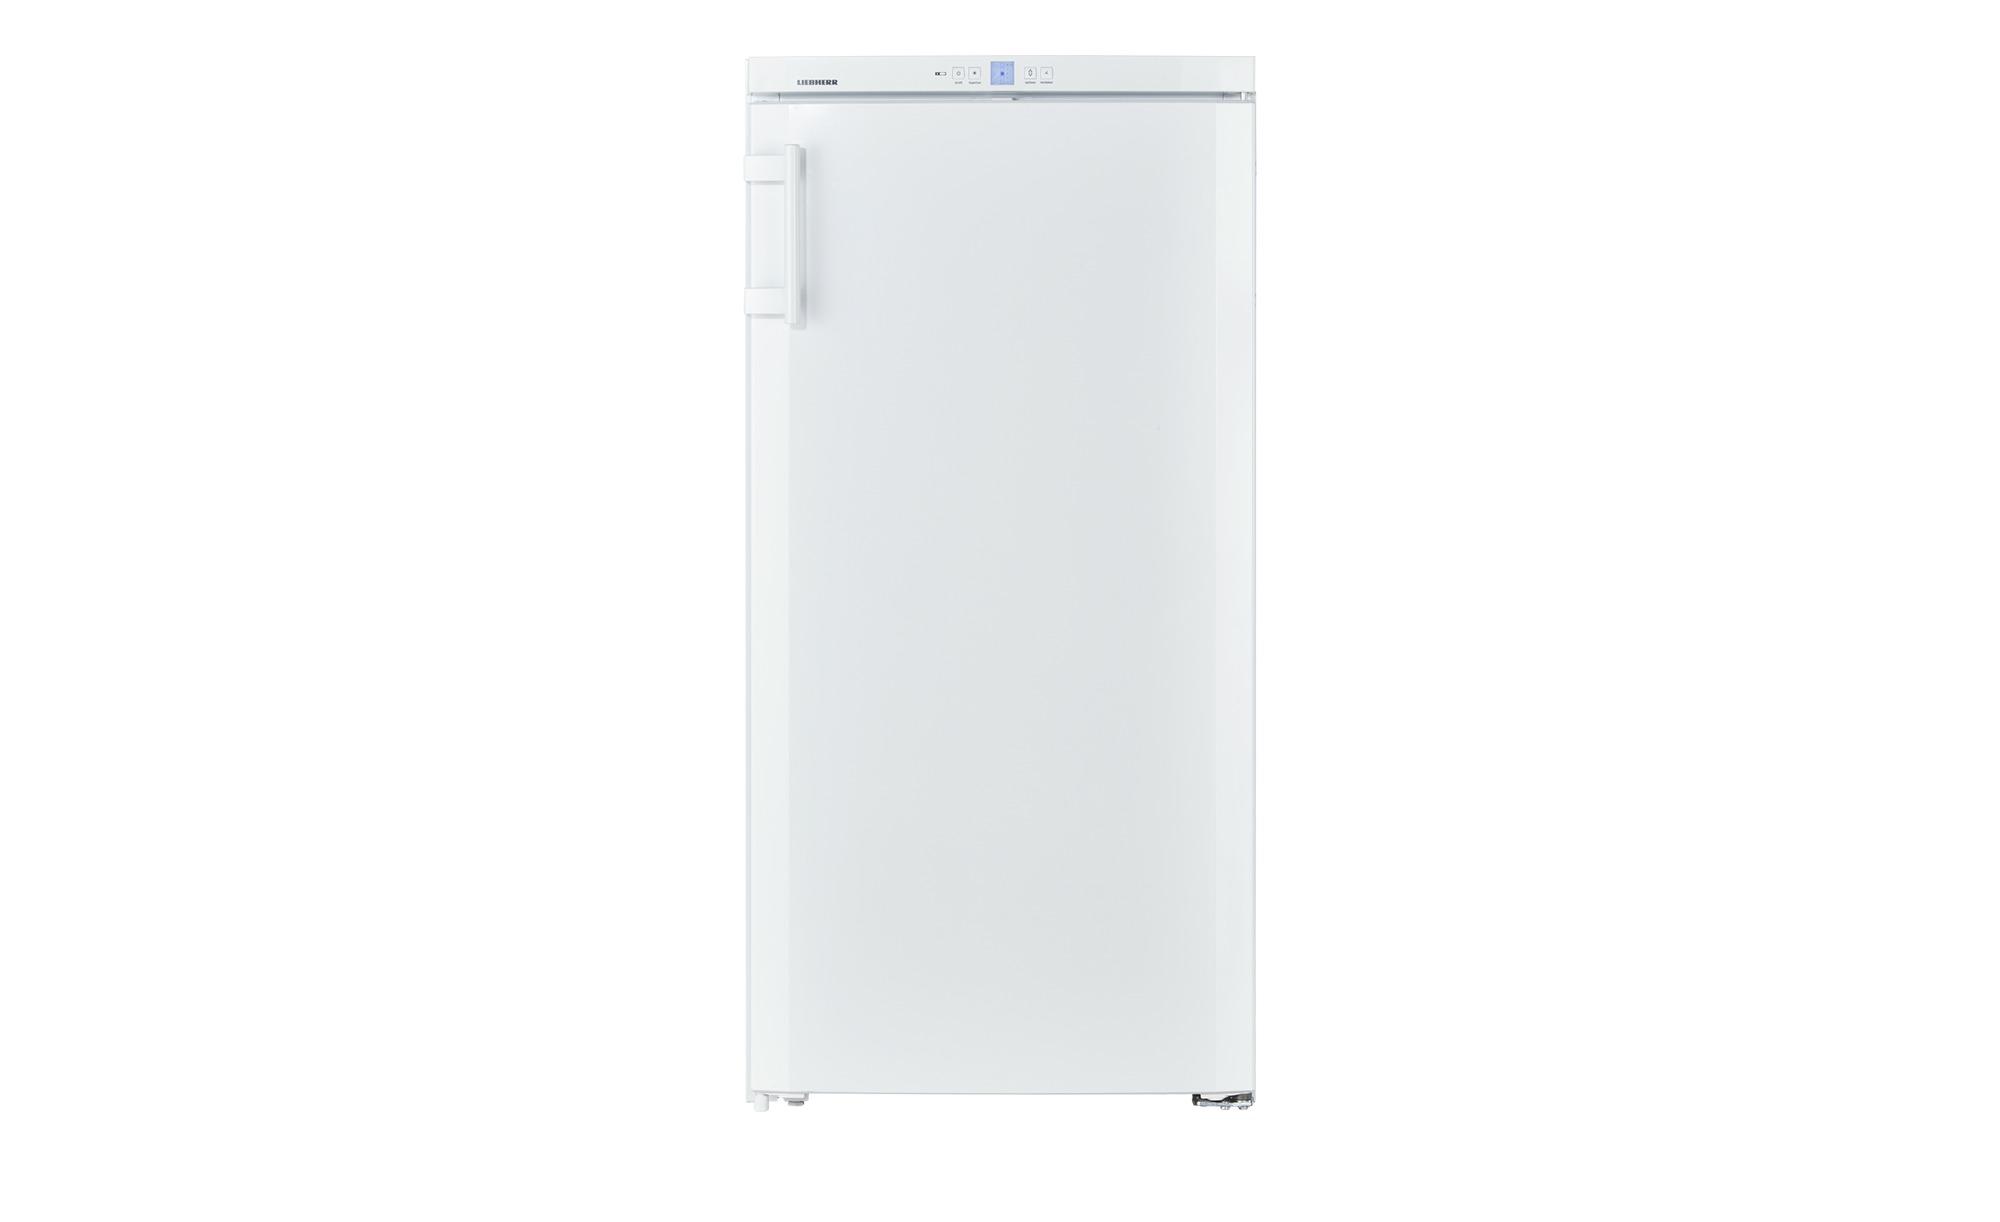 LIEBHERR Standkühlschrank  K2630-20 - weiß - Kunststoff, Glas , Metall-lackiert - 60 cm - 125 cm - 63 cm - Elektrogeräte > Kühlschränke - Möbel Kraft | Küche und Esszimmer > Küchenelektrogeräte > Kühlschränke | Glas - Metall | LIEBHERR